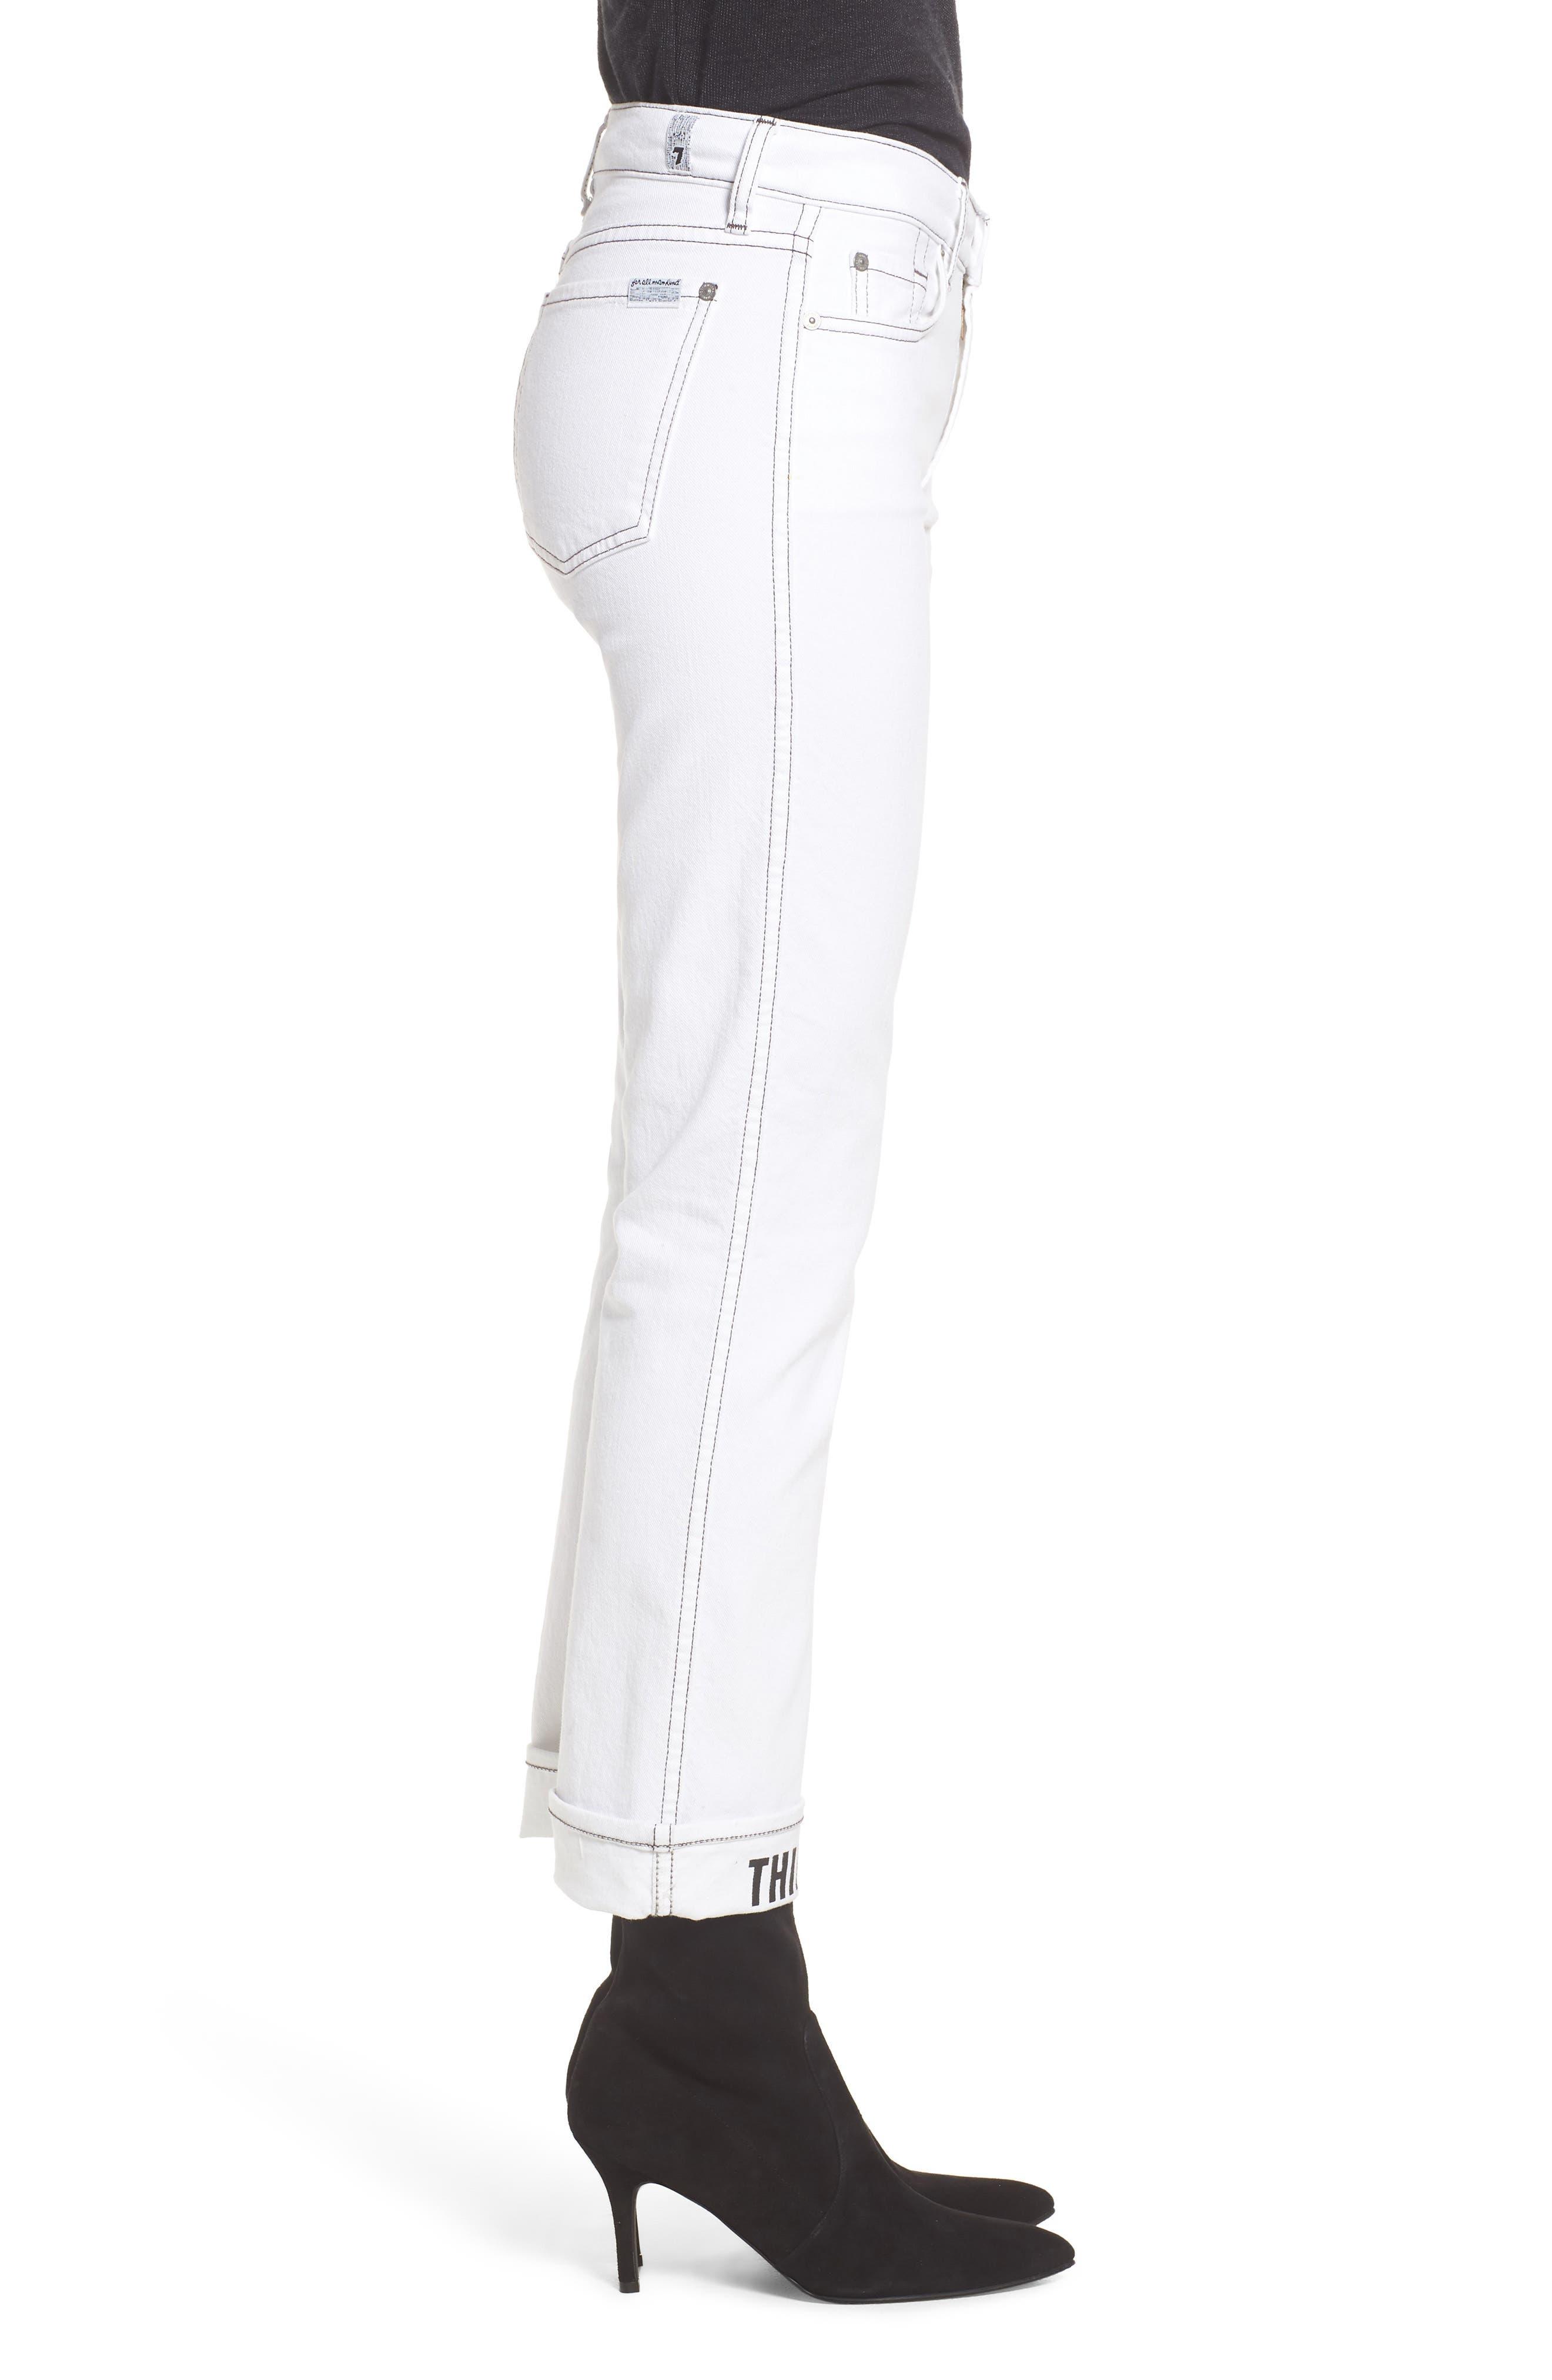 Dylan Print Cuff Straight Leg Jeans,                             Alternate thumbnail 3, color,                             White Fashion W/ Black Print